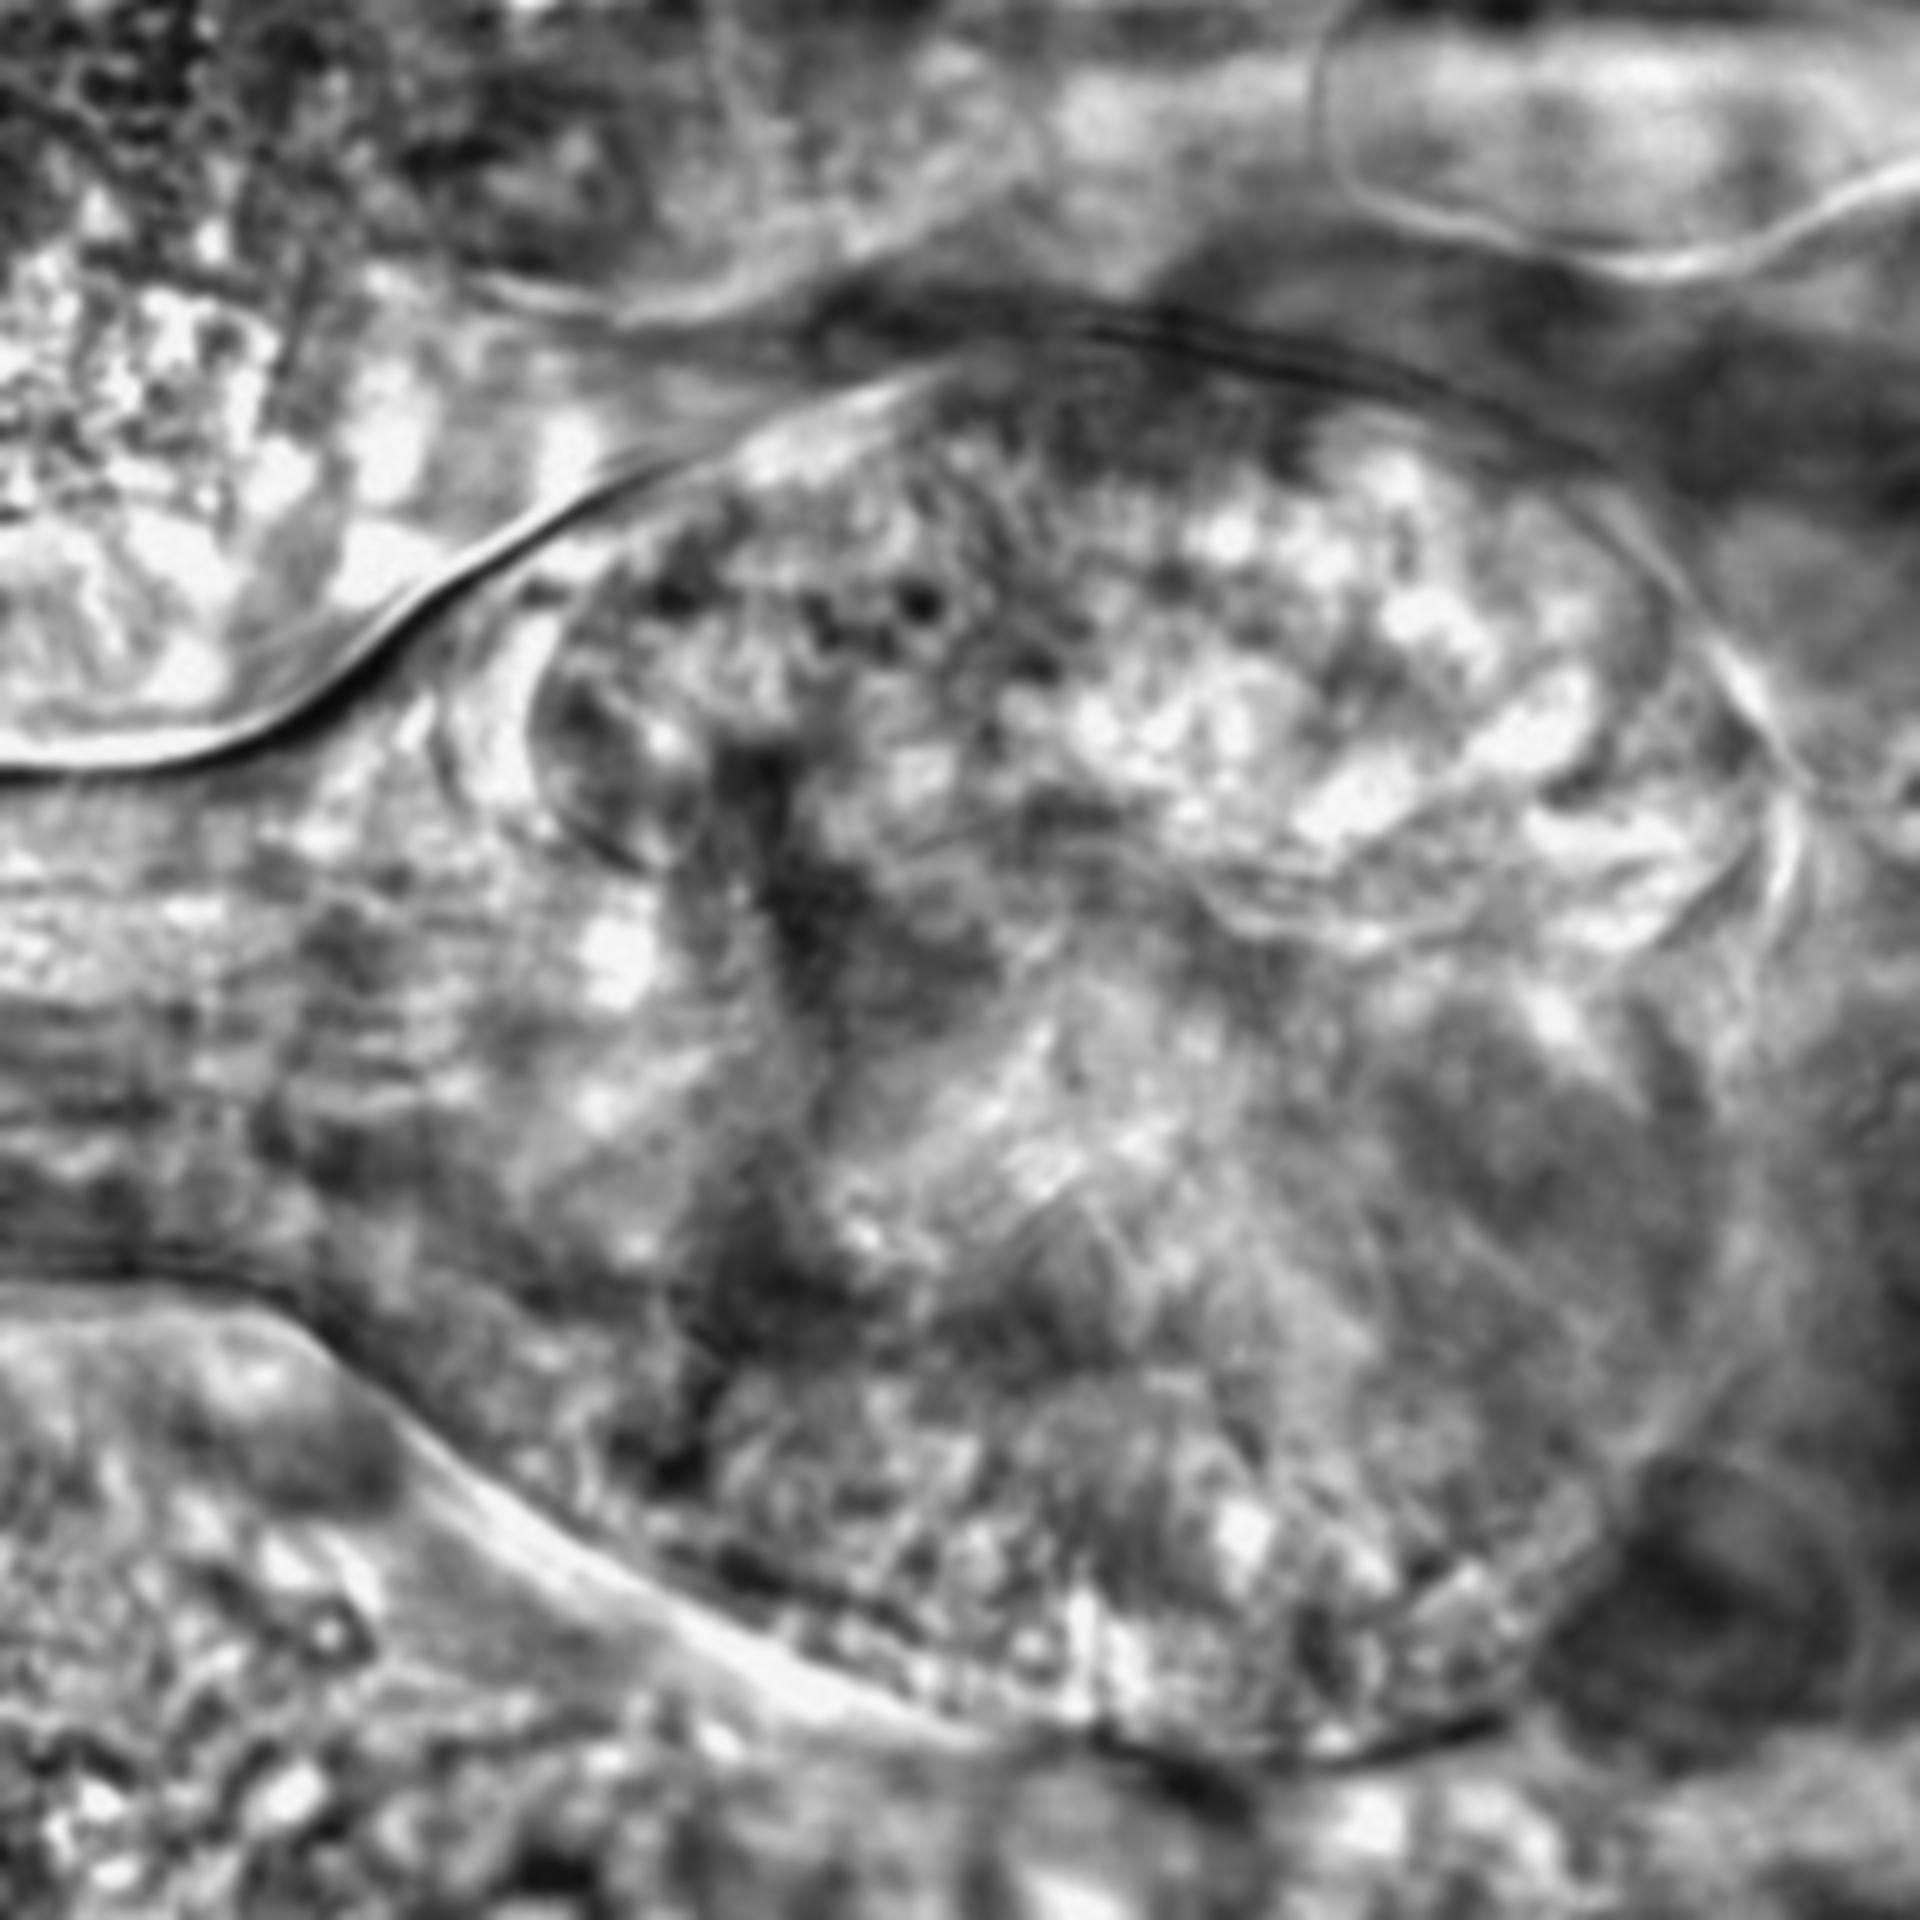 Caenorhabditis elegans - CIL:2717